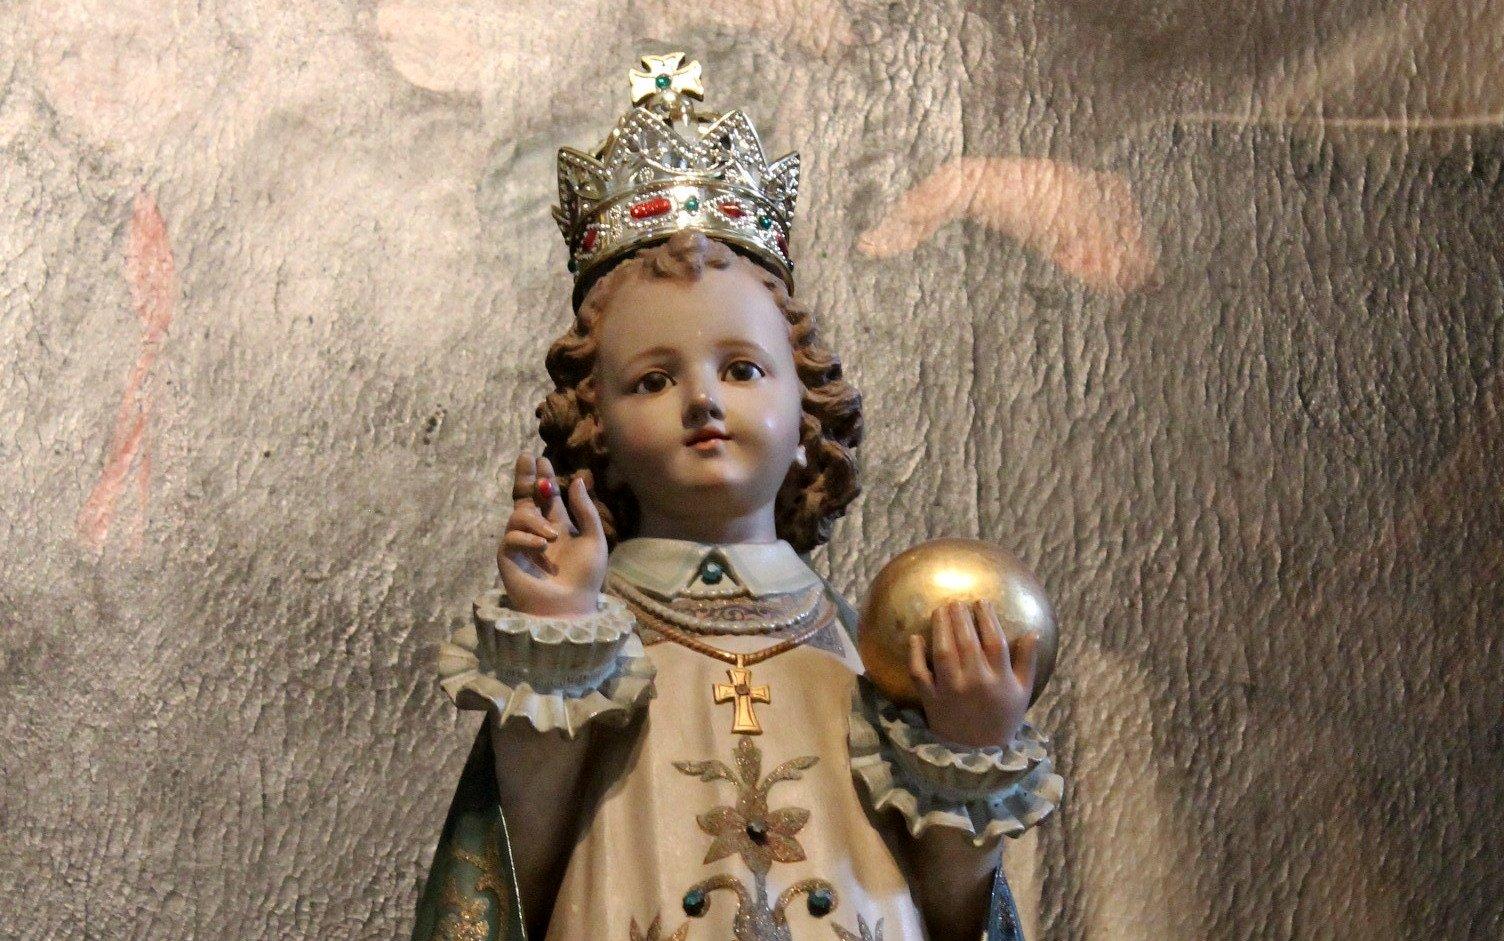 La preghiera del Malato a Gesù Bambino di Praga